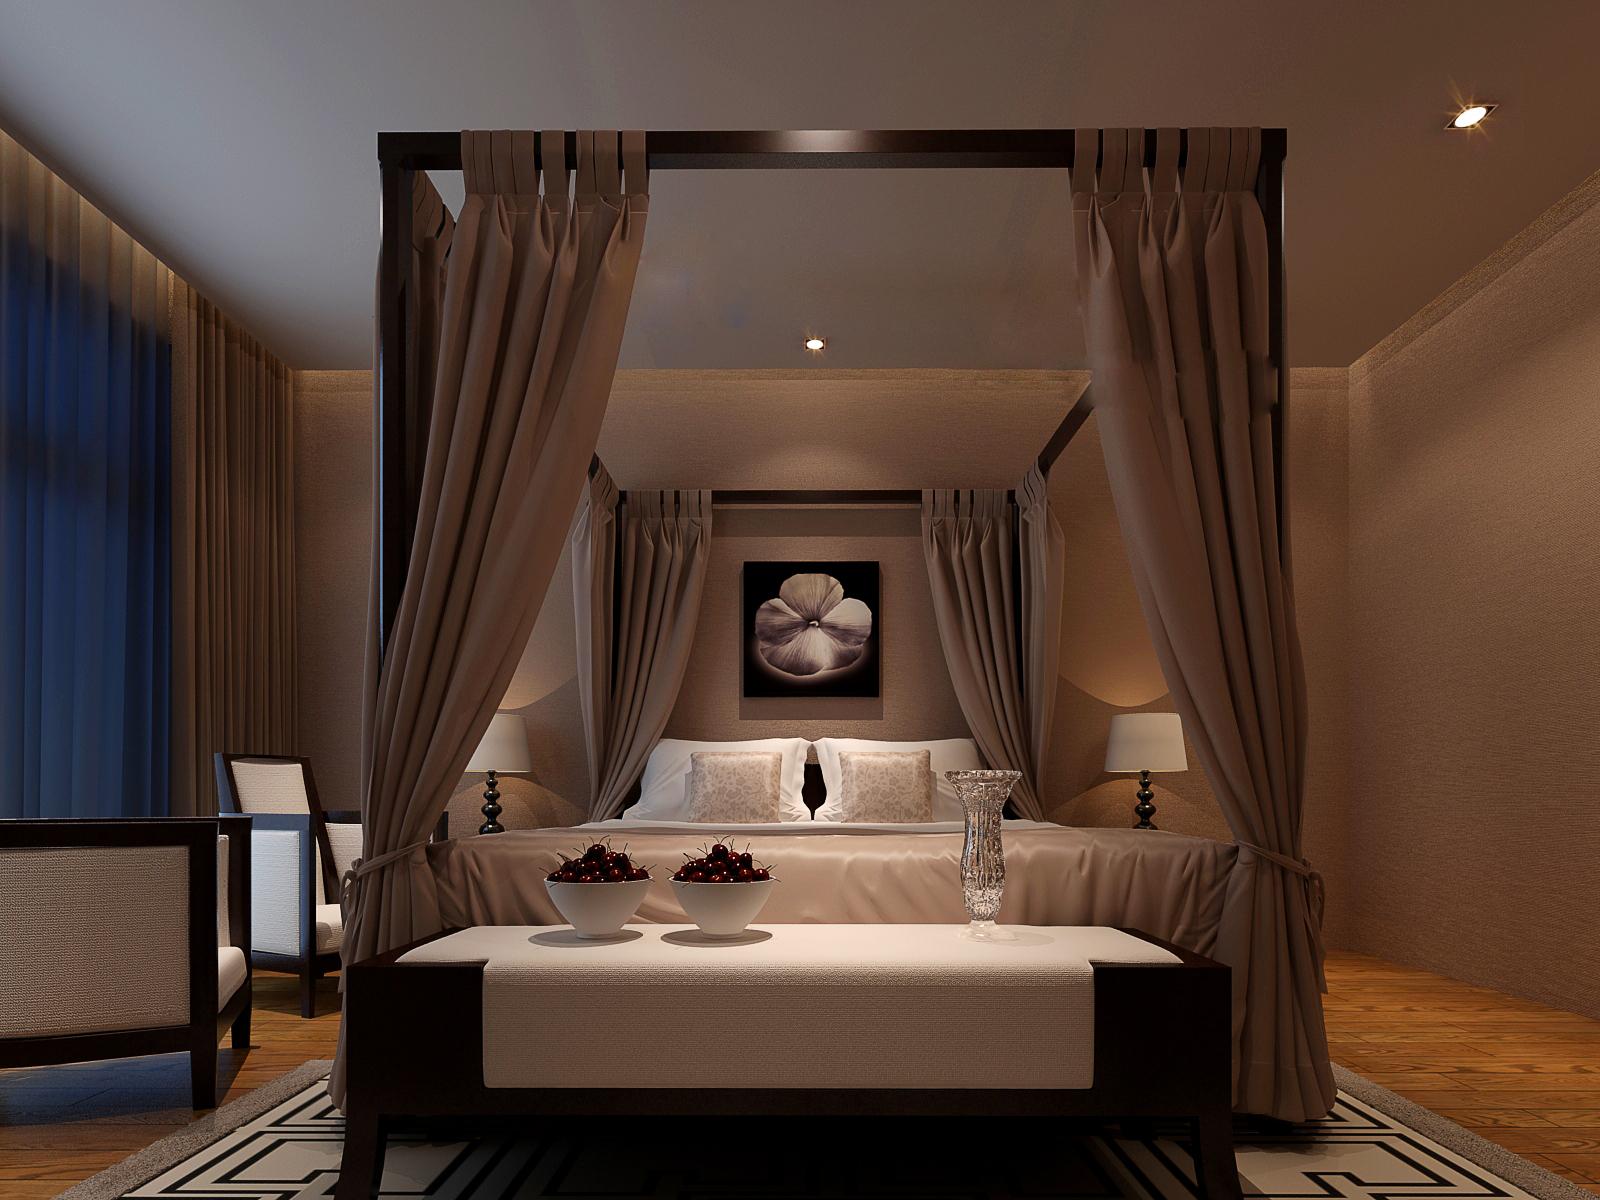 二居 简约 卧室图片来自武汉一号家居网装修在南湖山庄半岛花园95平现代2室2厅的分享